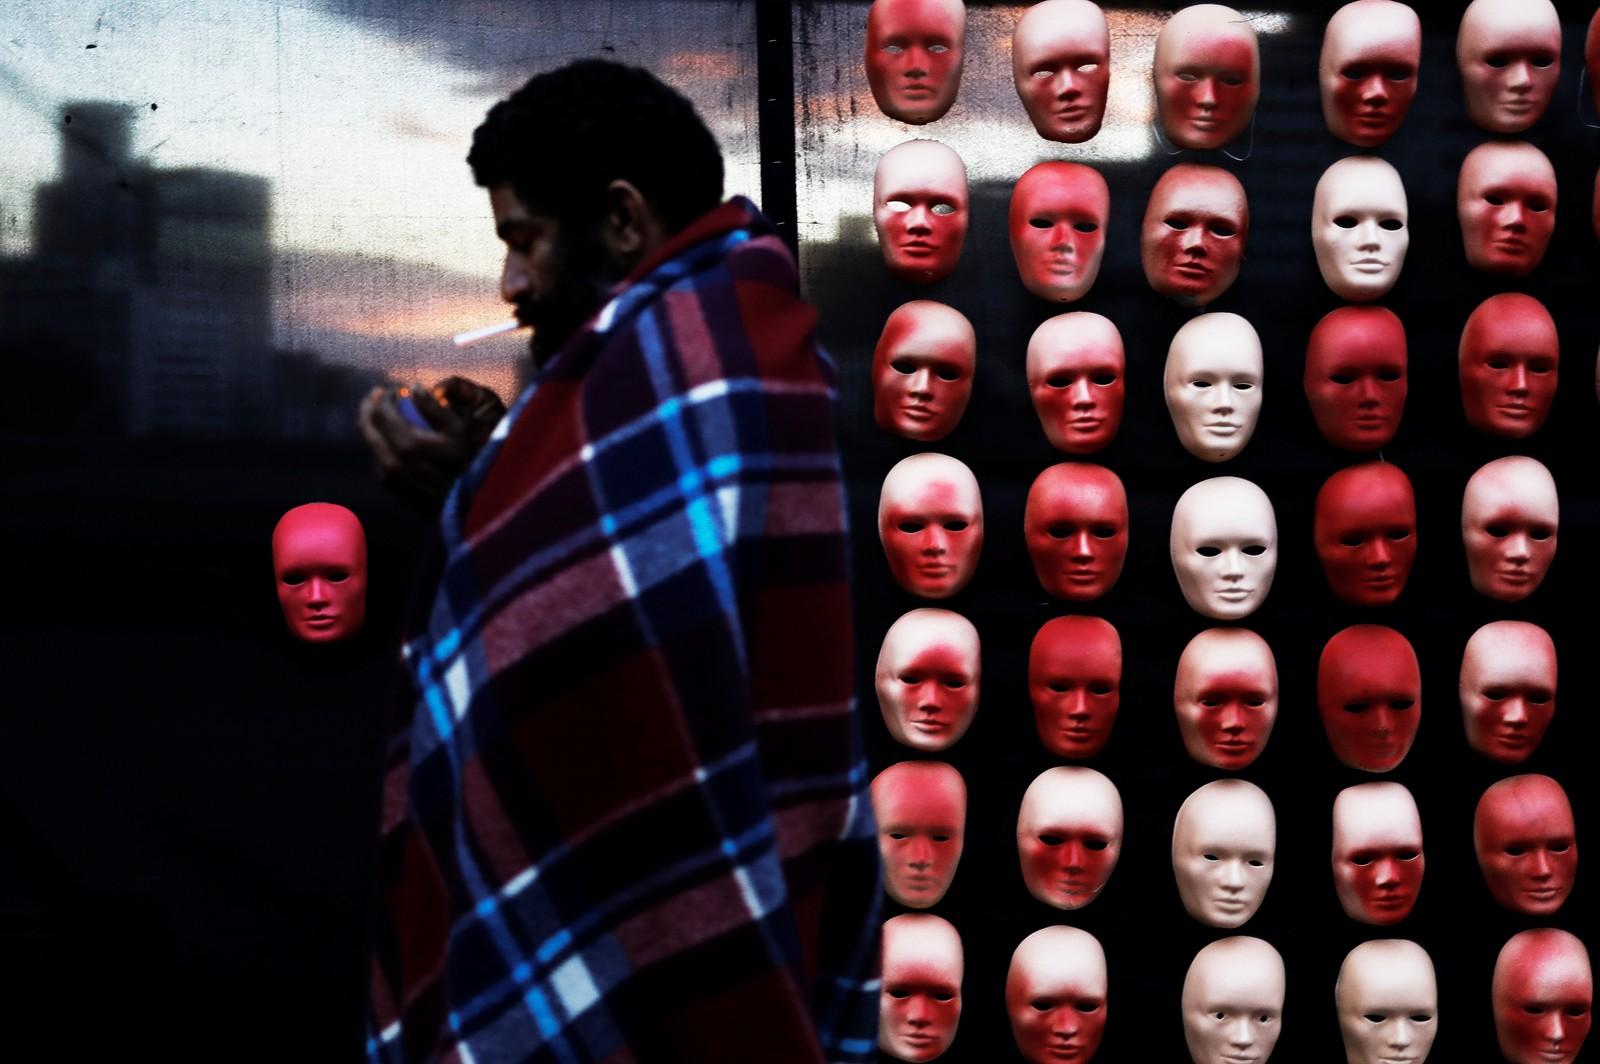 En hjemløs mann passerer en vegg med masker som skal forestille brasilianske politikere. Slike masker kan sees mange steder i landet i forbindelse med demonstrasjoner mot korrupsjon.